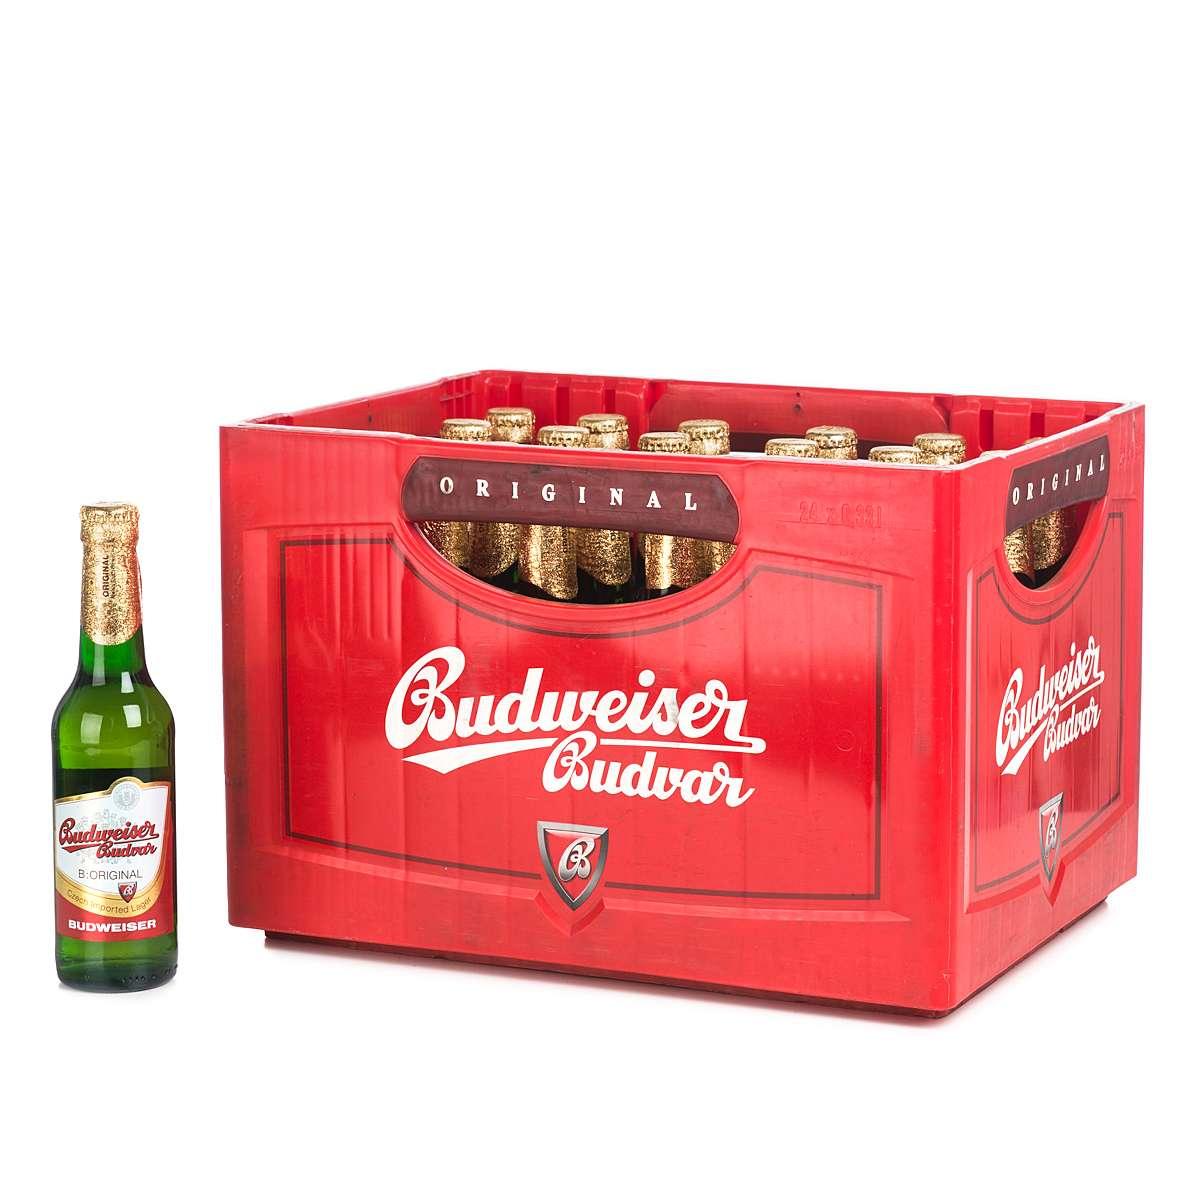 Budweiser Budvar Lager Bier 20x0,5l bei [Kaufland] ab 11.07. / vermutlich nicht bundesweit